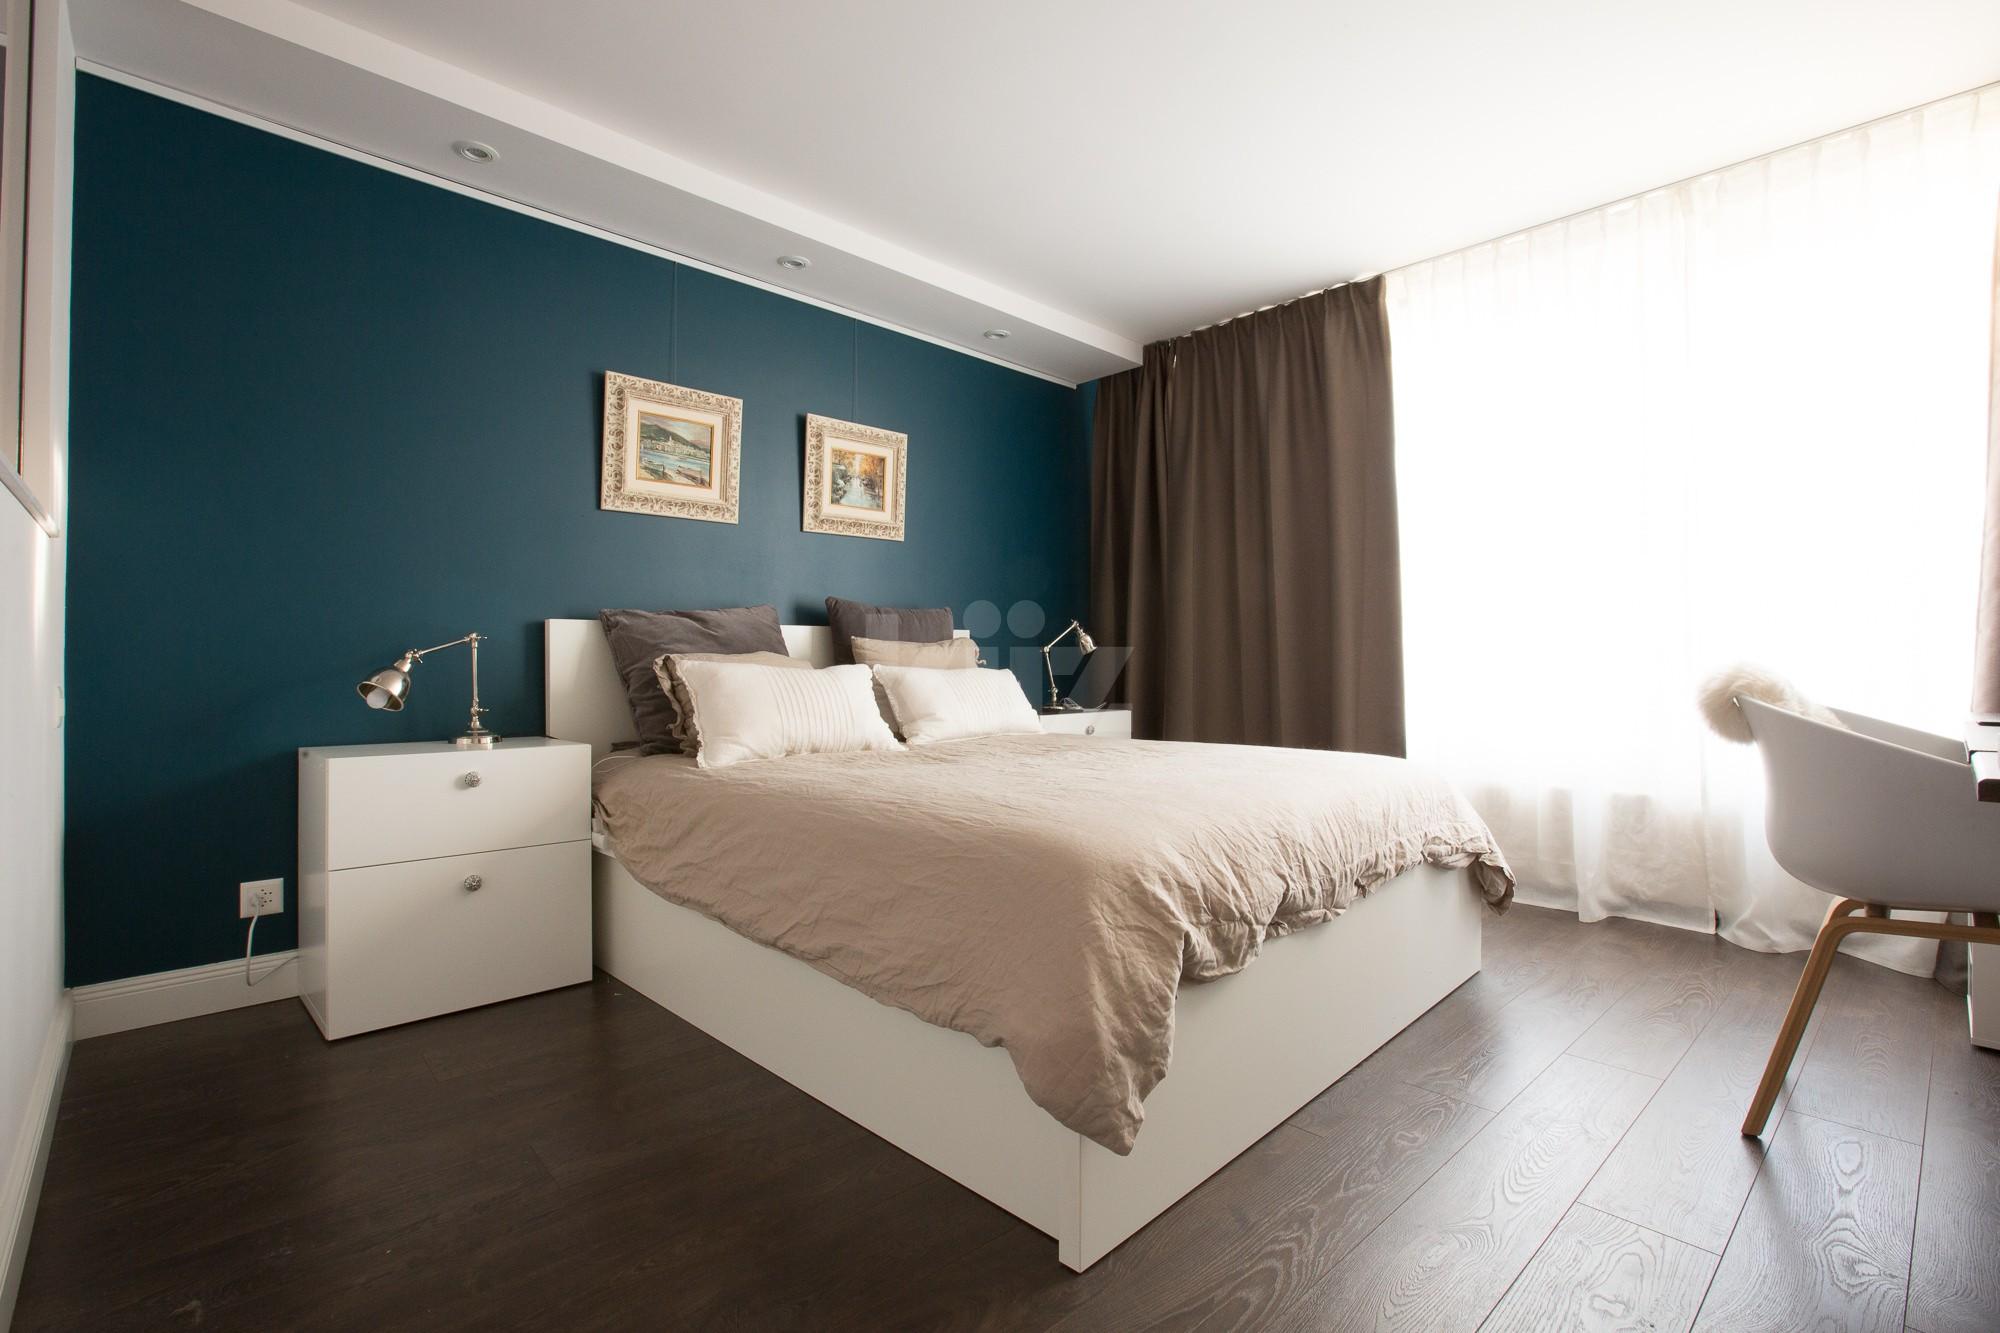 VENDU! Splendide appartement entièrement rénové avec goût - 6